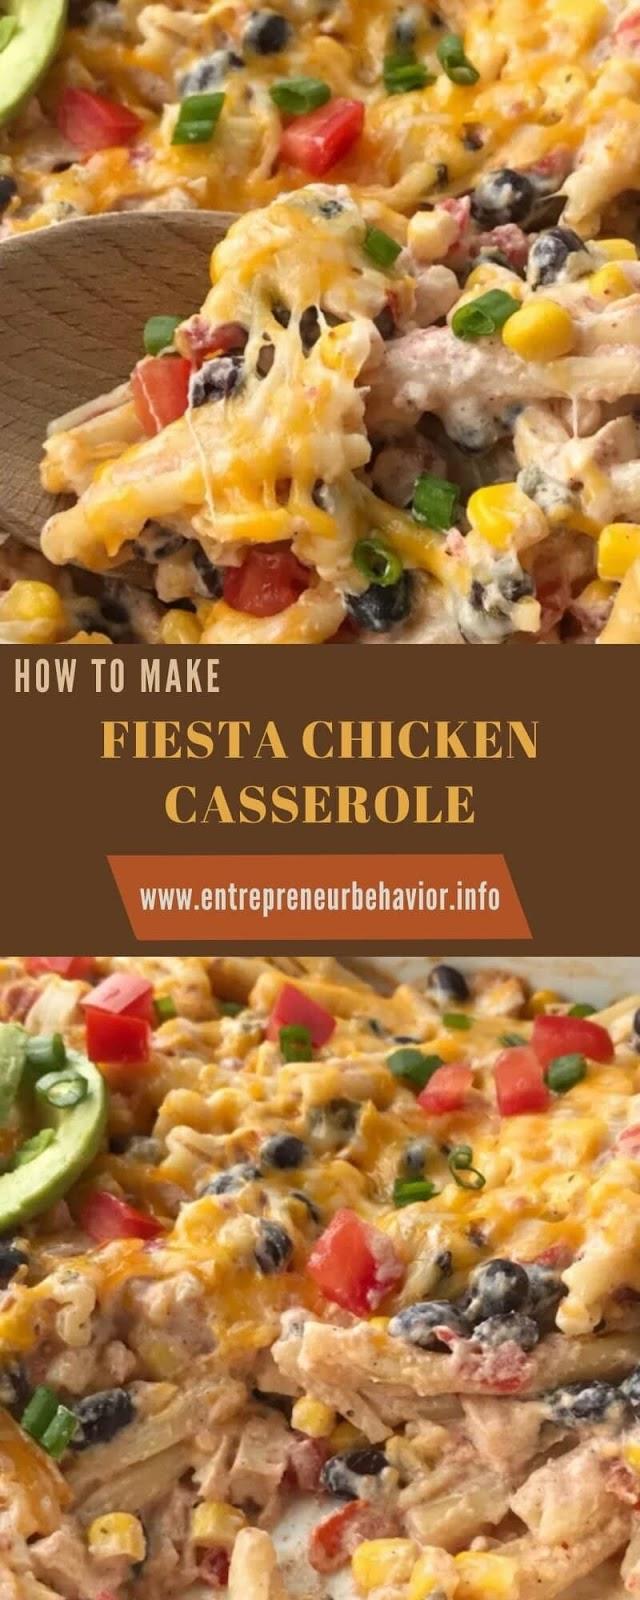 HOW TO MAKE FIESTA CHICKEN CASSEROLE